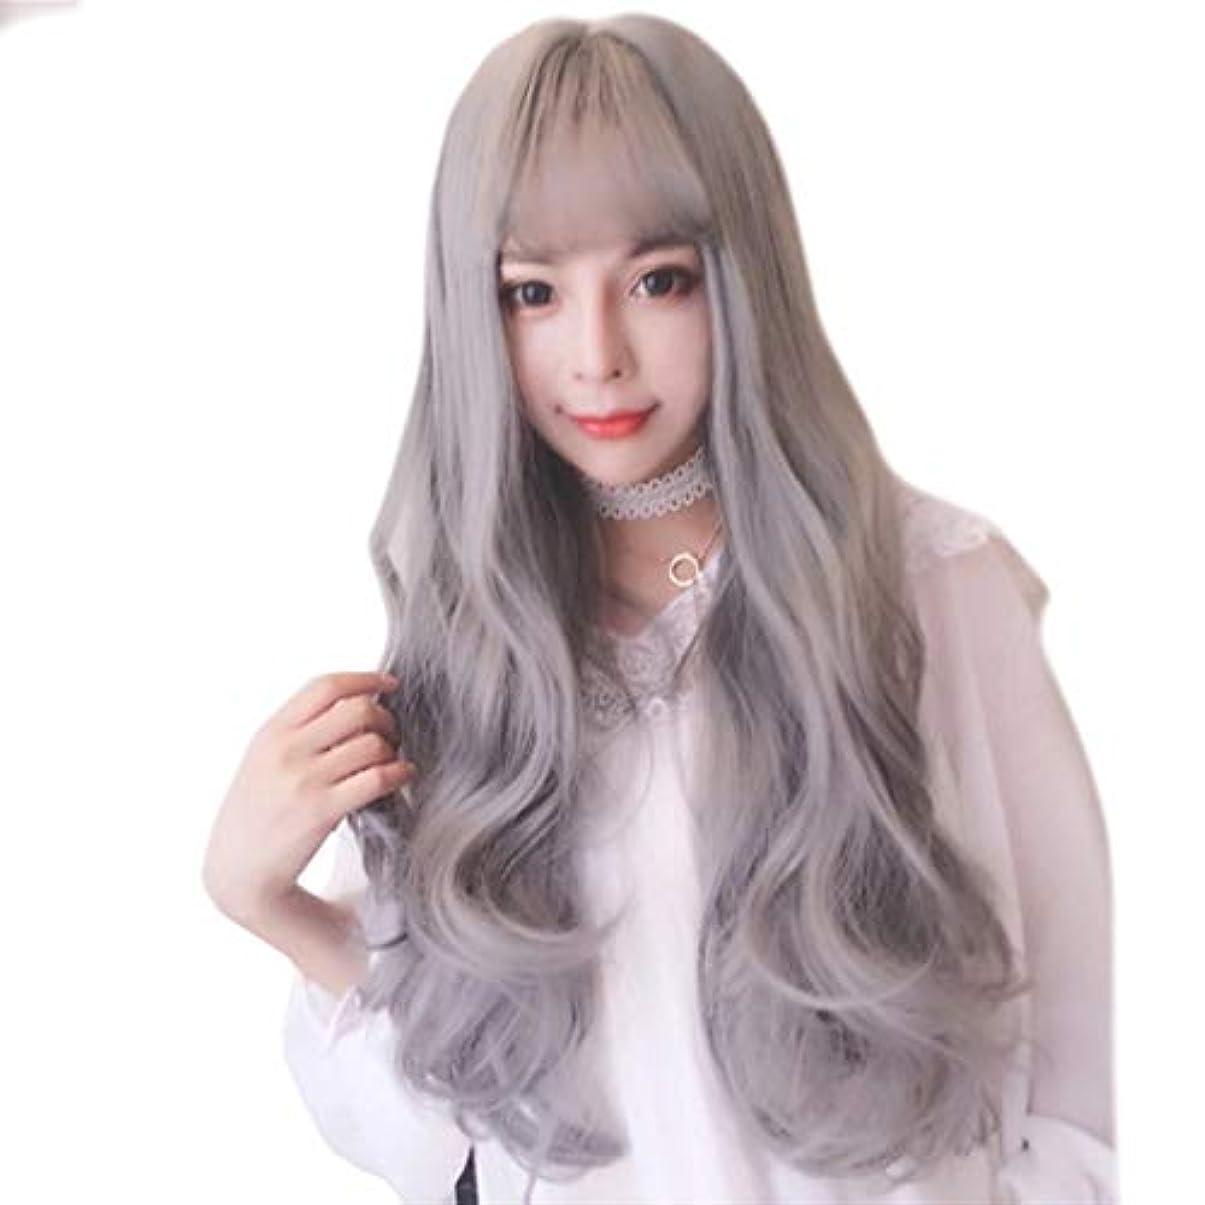 コール資格責めSummerys 女性の前髪自然な波長い巻き毛の耐熱性合成かつらをかつら